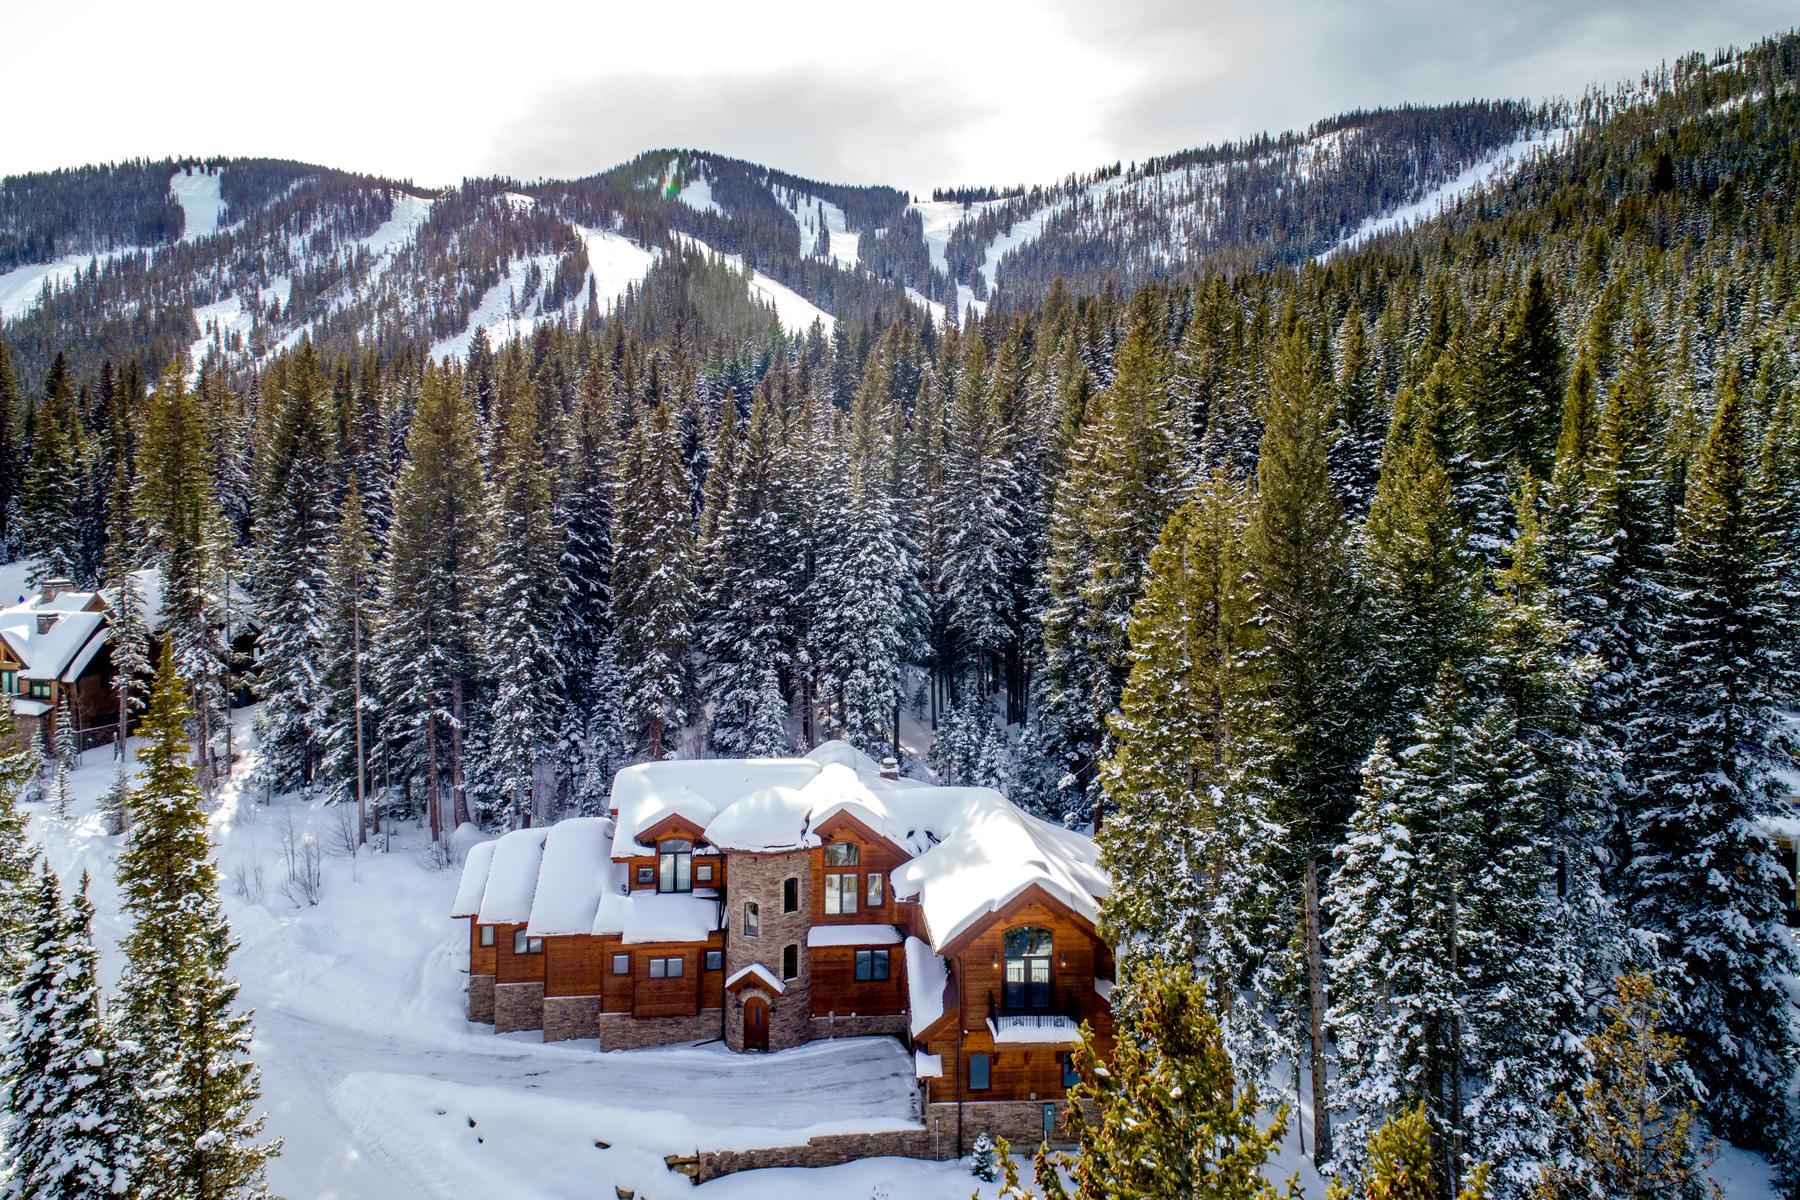 Casa Unifamiliar por un Venta en Stunning Mary Jane Custom Home 165 Bridger Trail Winter Park, Colorado 80482 Estados Unidos